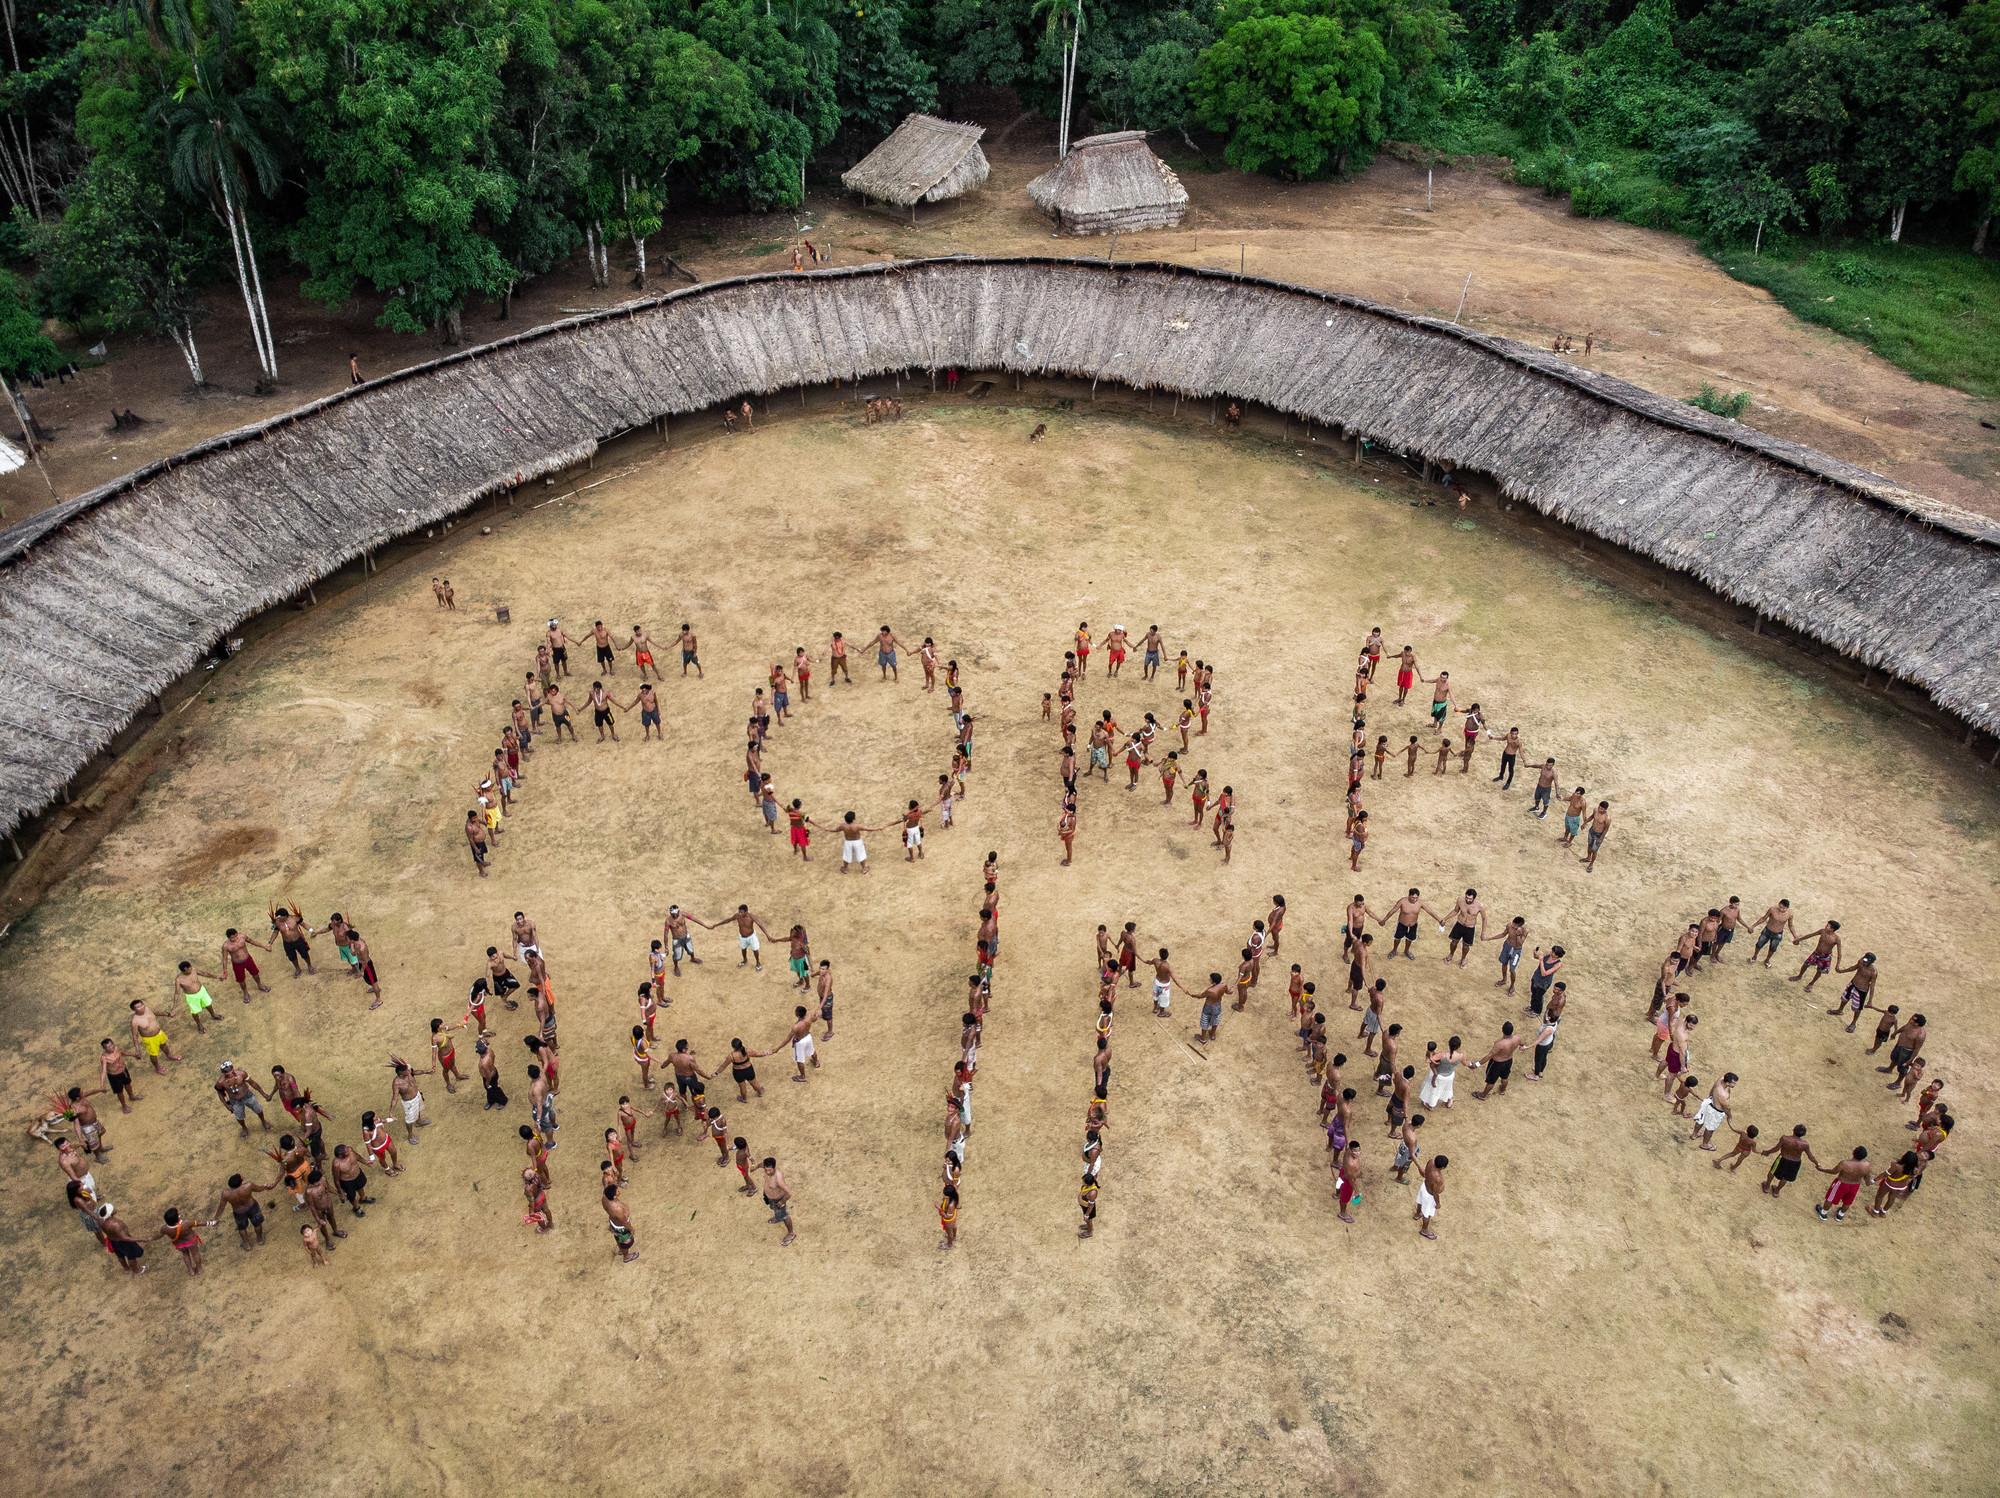 Lideranças Yanomami e Ye'kuana se manifestam contra garimpo em suas terras durante o primeiro Fórum de Lideranças da TI Yanomami, realizado entre 20 e 23 de novembro de 2019 na Comunidade Watoriki, região do Demini, Terra Indígena Yanomami. O fórum reuniu 116 lideranças de 26 regiões da TI, representando 53 comunidades, e 7 associações da Terra Indígena: Hutukara Associação Yanomami (HAY), Associação Yanomami do Rio Cauaburis e Afluentes (AYRCA), Associação das Mulheres Yanomami – Kumirayoma (AMYK), Associação Wanasseduume Ye´kwana (SEDUUME), Associação Yanomami do Rio Marauiá e do Rio Preto (KURIKAMA), Texoli Associação Ninam do Estado de Roraima (TANER) e Hwenama Associação dos Povos Yanomami de Roraima (HAPYR)